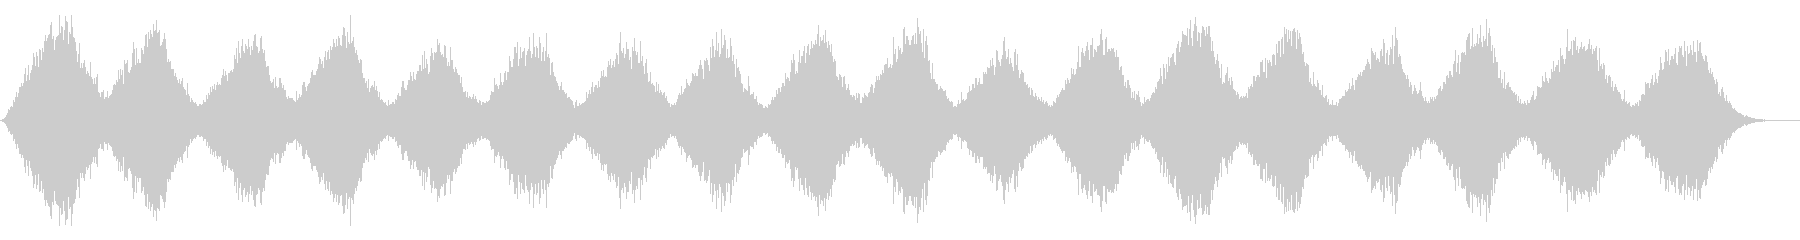 南極の風をイメージしたテクスチャーパッドの未再生の波形